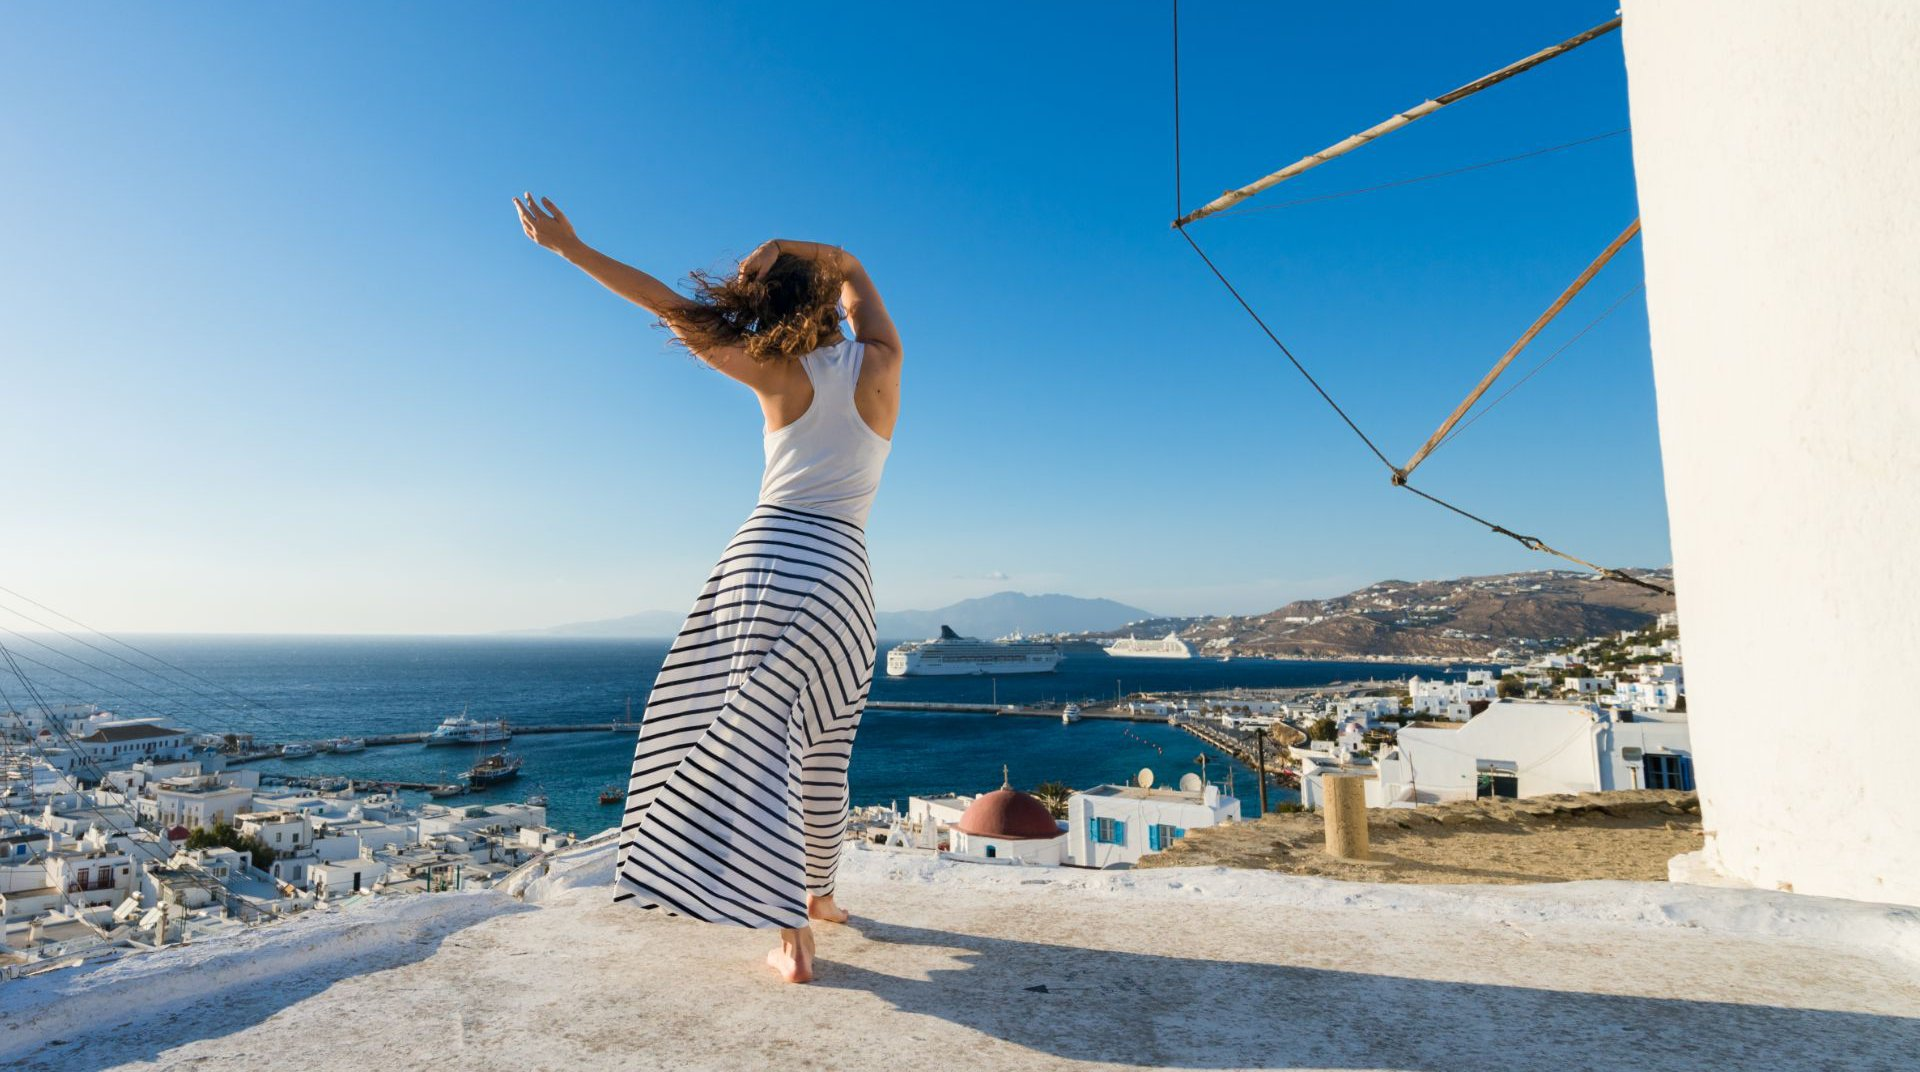 Μια γυναίκα να απολαμβάνει την θέα του νησιού